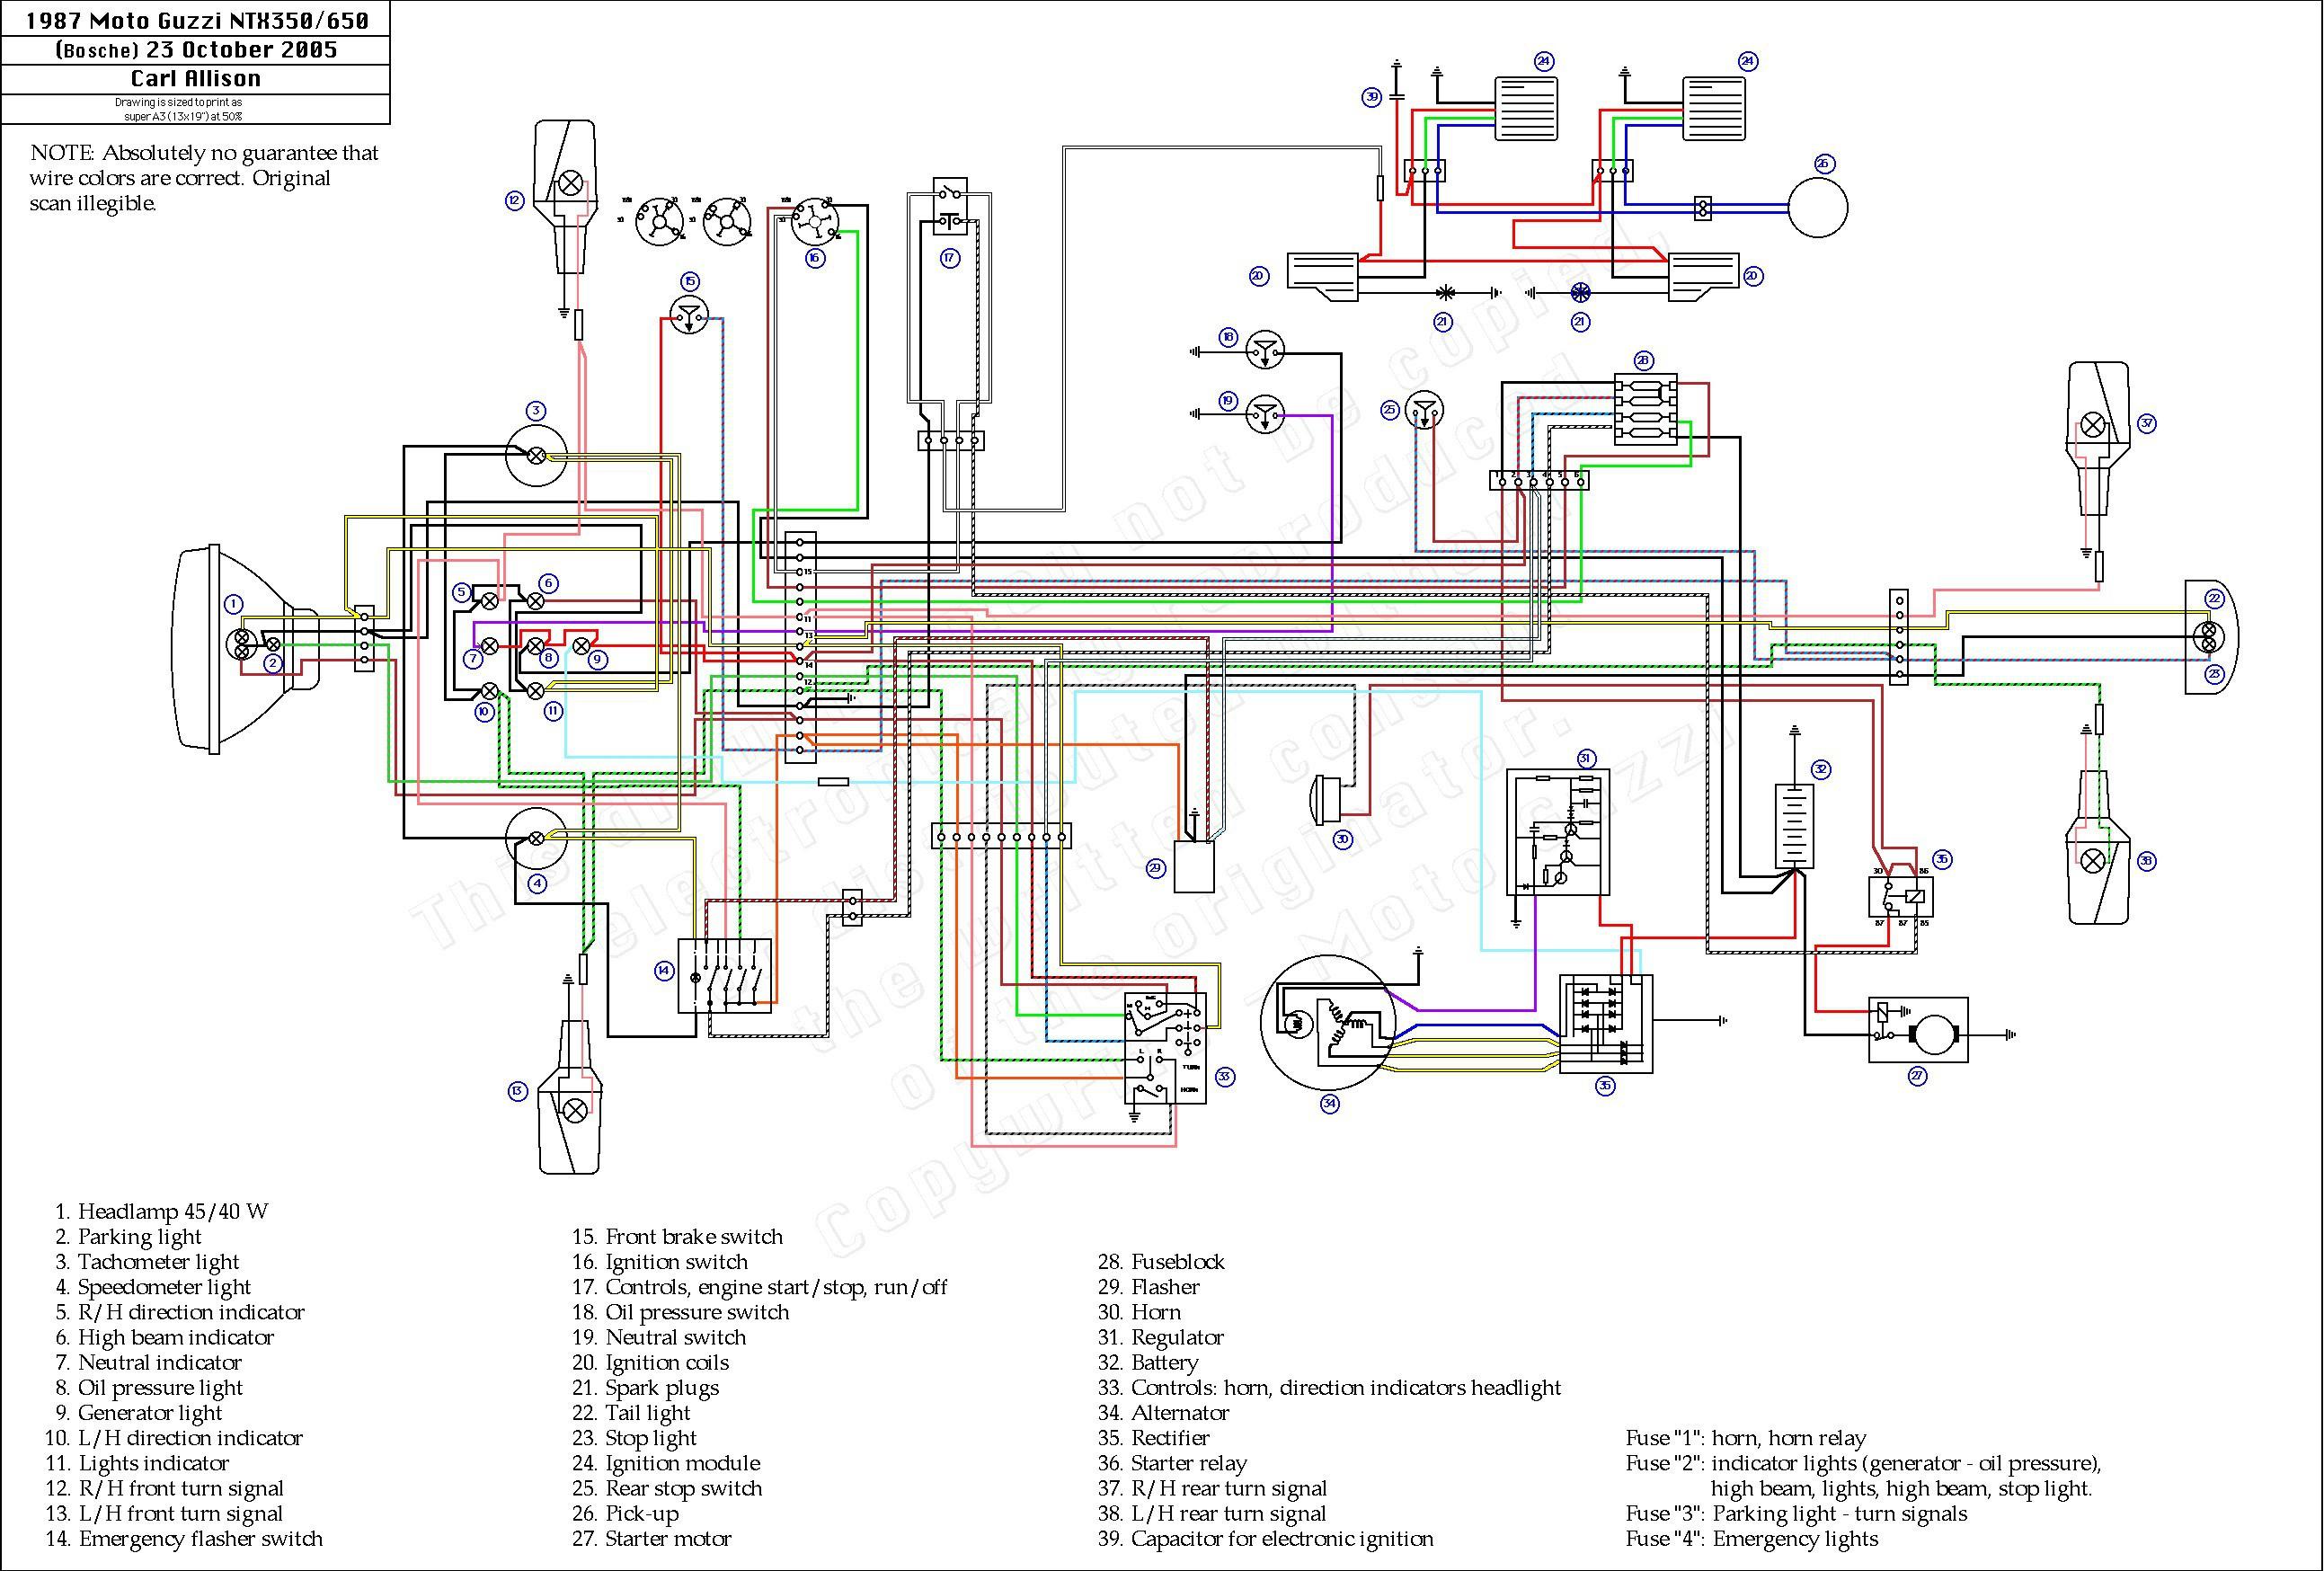 Lifan 200Cc Wiring Diagram | Wiring Diagram - Chinese Atv Wiring Diagram